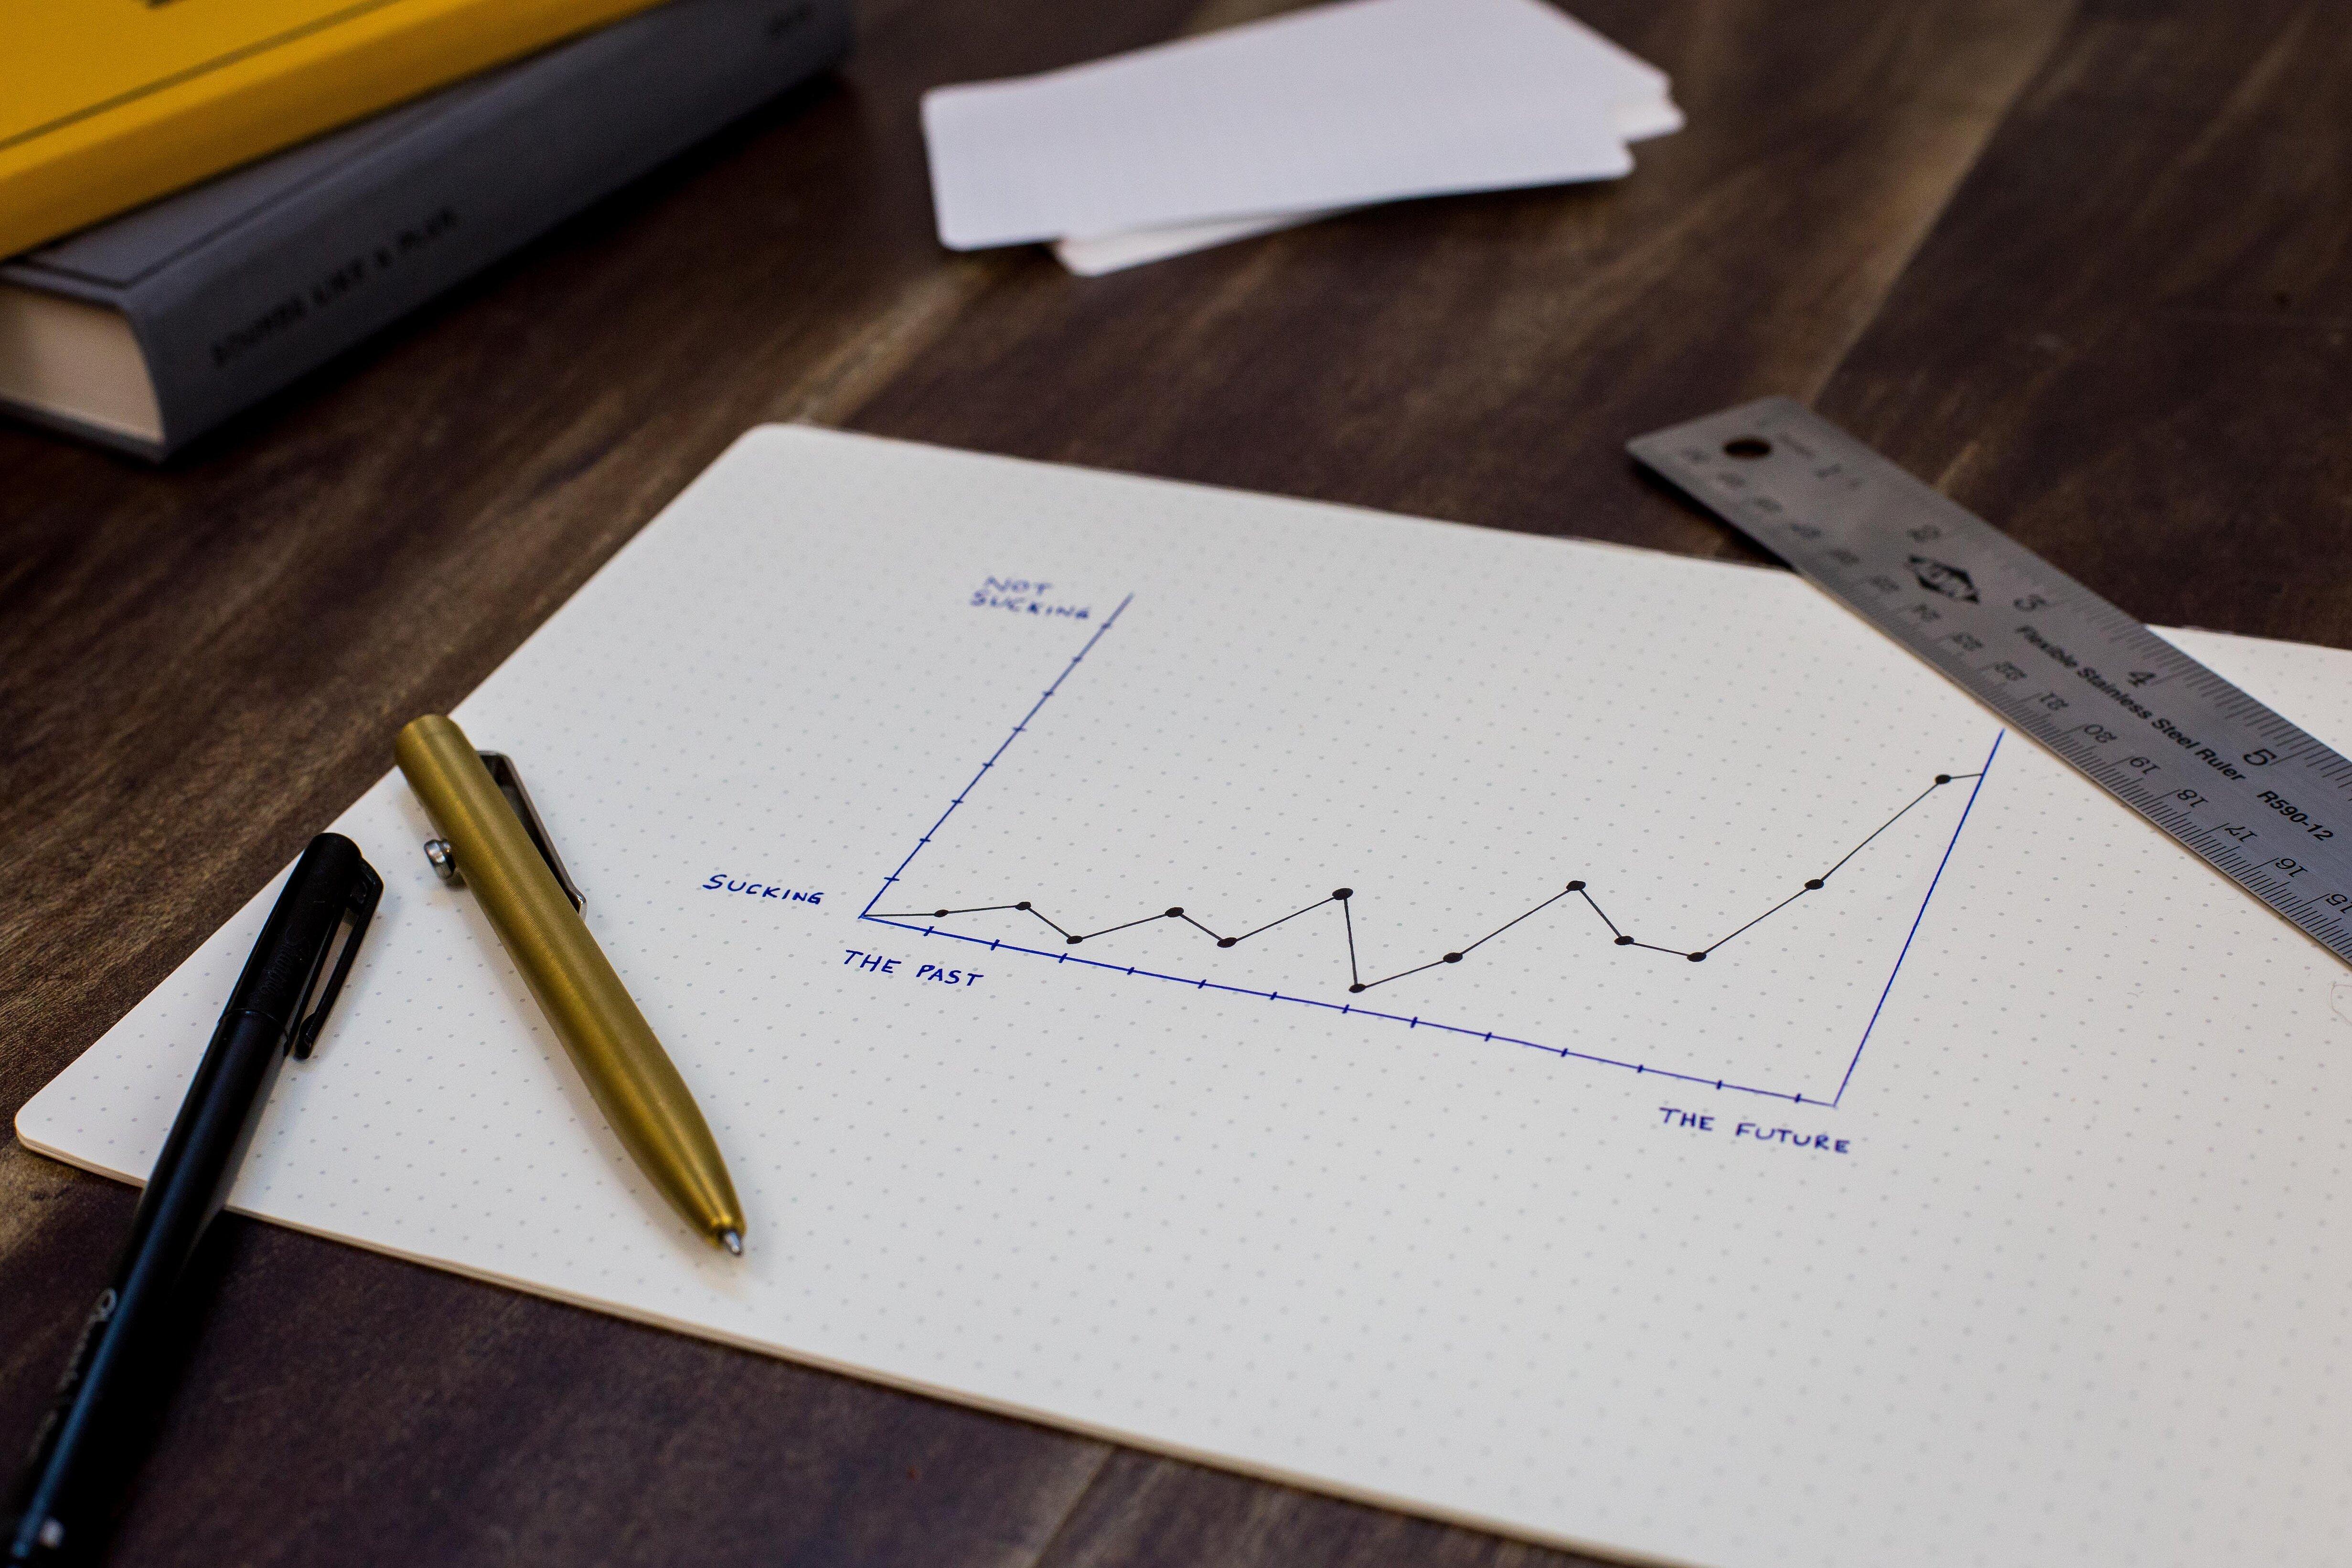 Lineal, Stift und ein Diagramm liegen auf einem Tisch